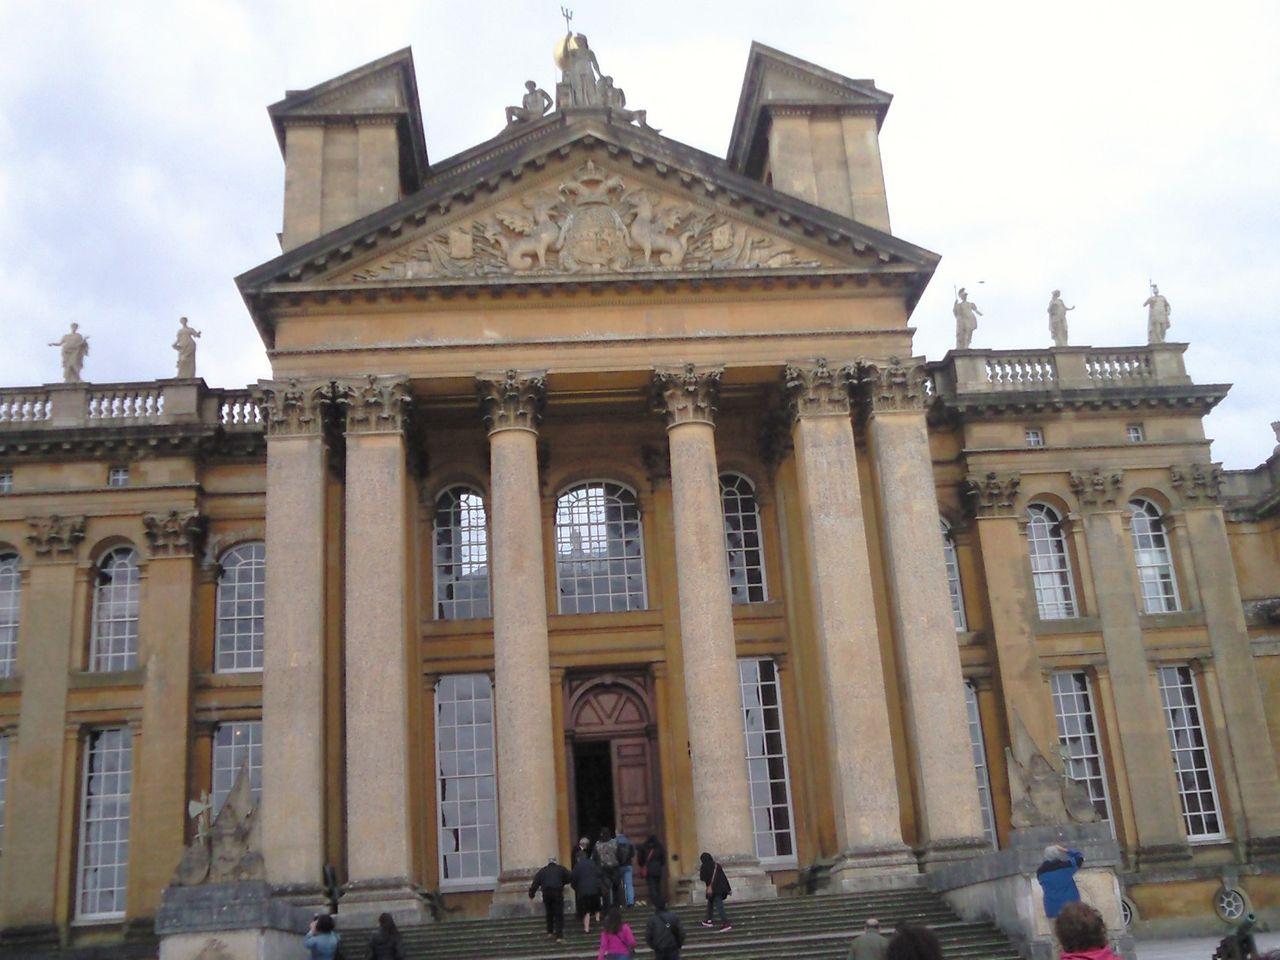 ブレナム宮殿の画像 p1_37